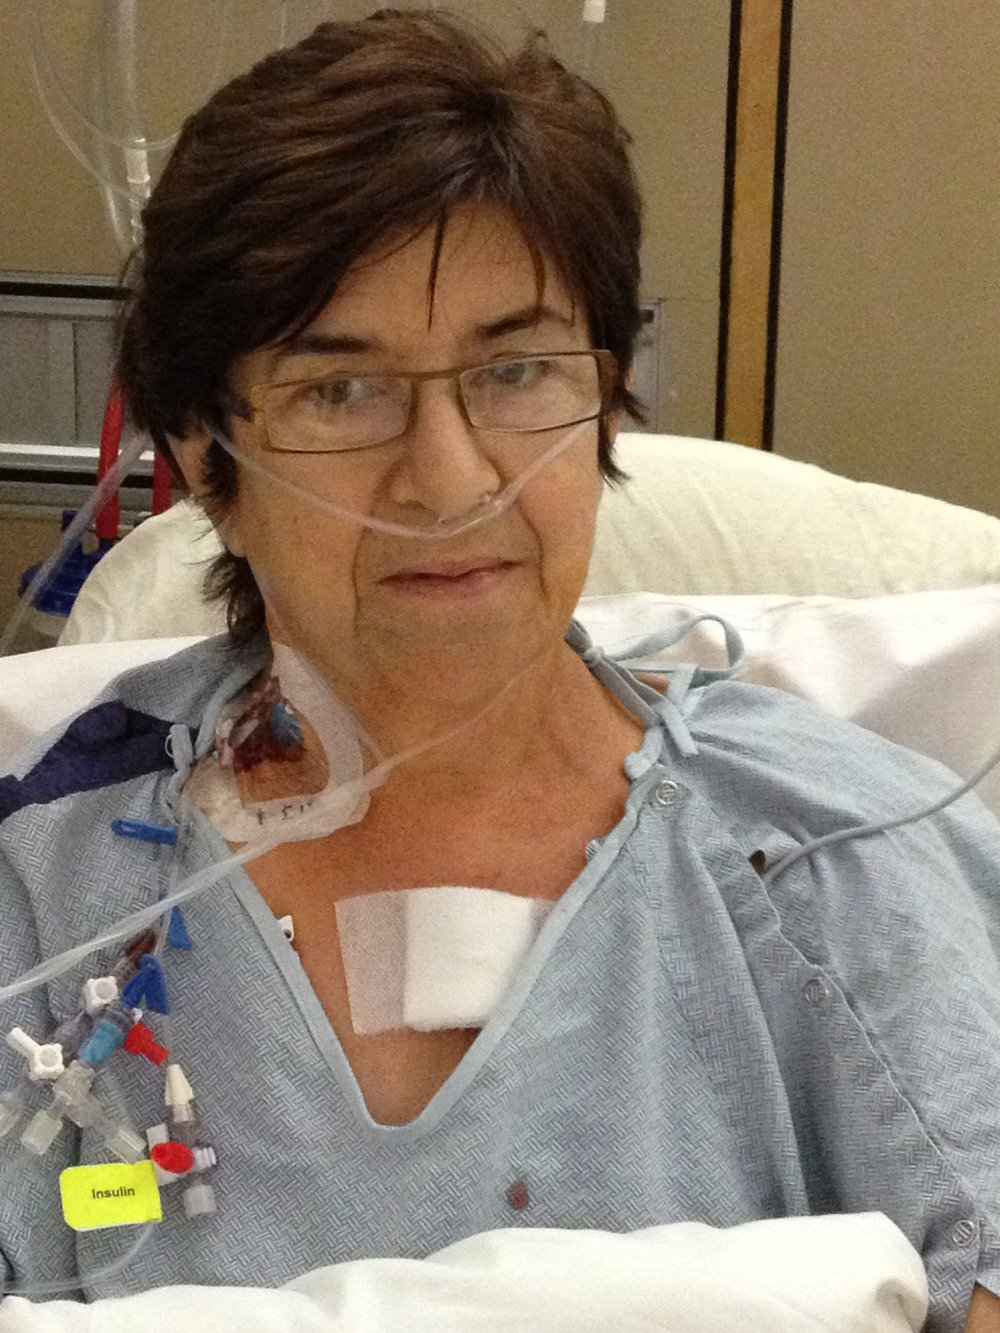 2013-05-Heart-Surgery.jpg